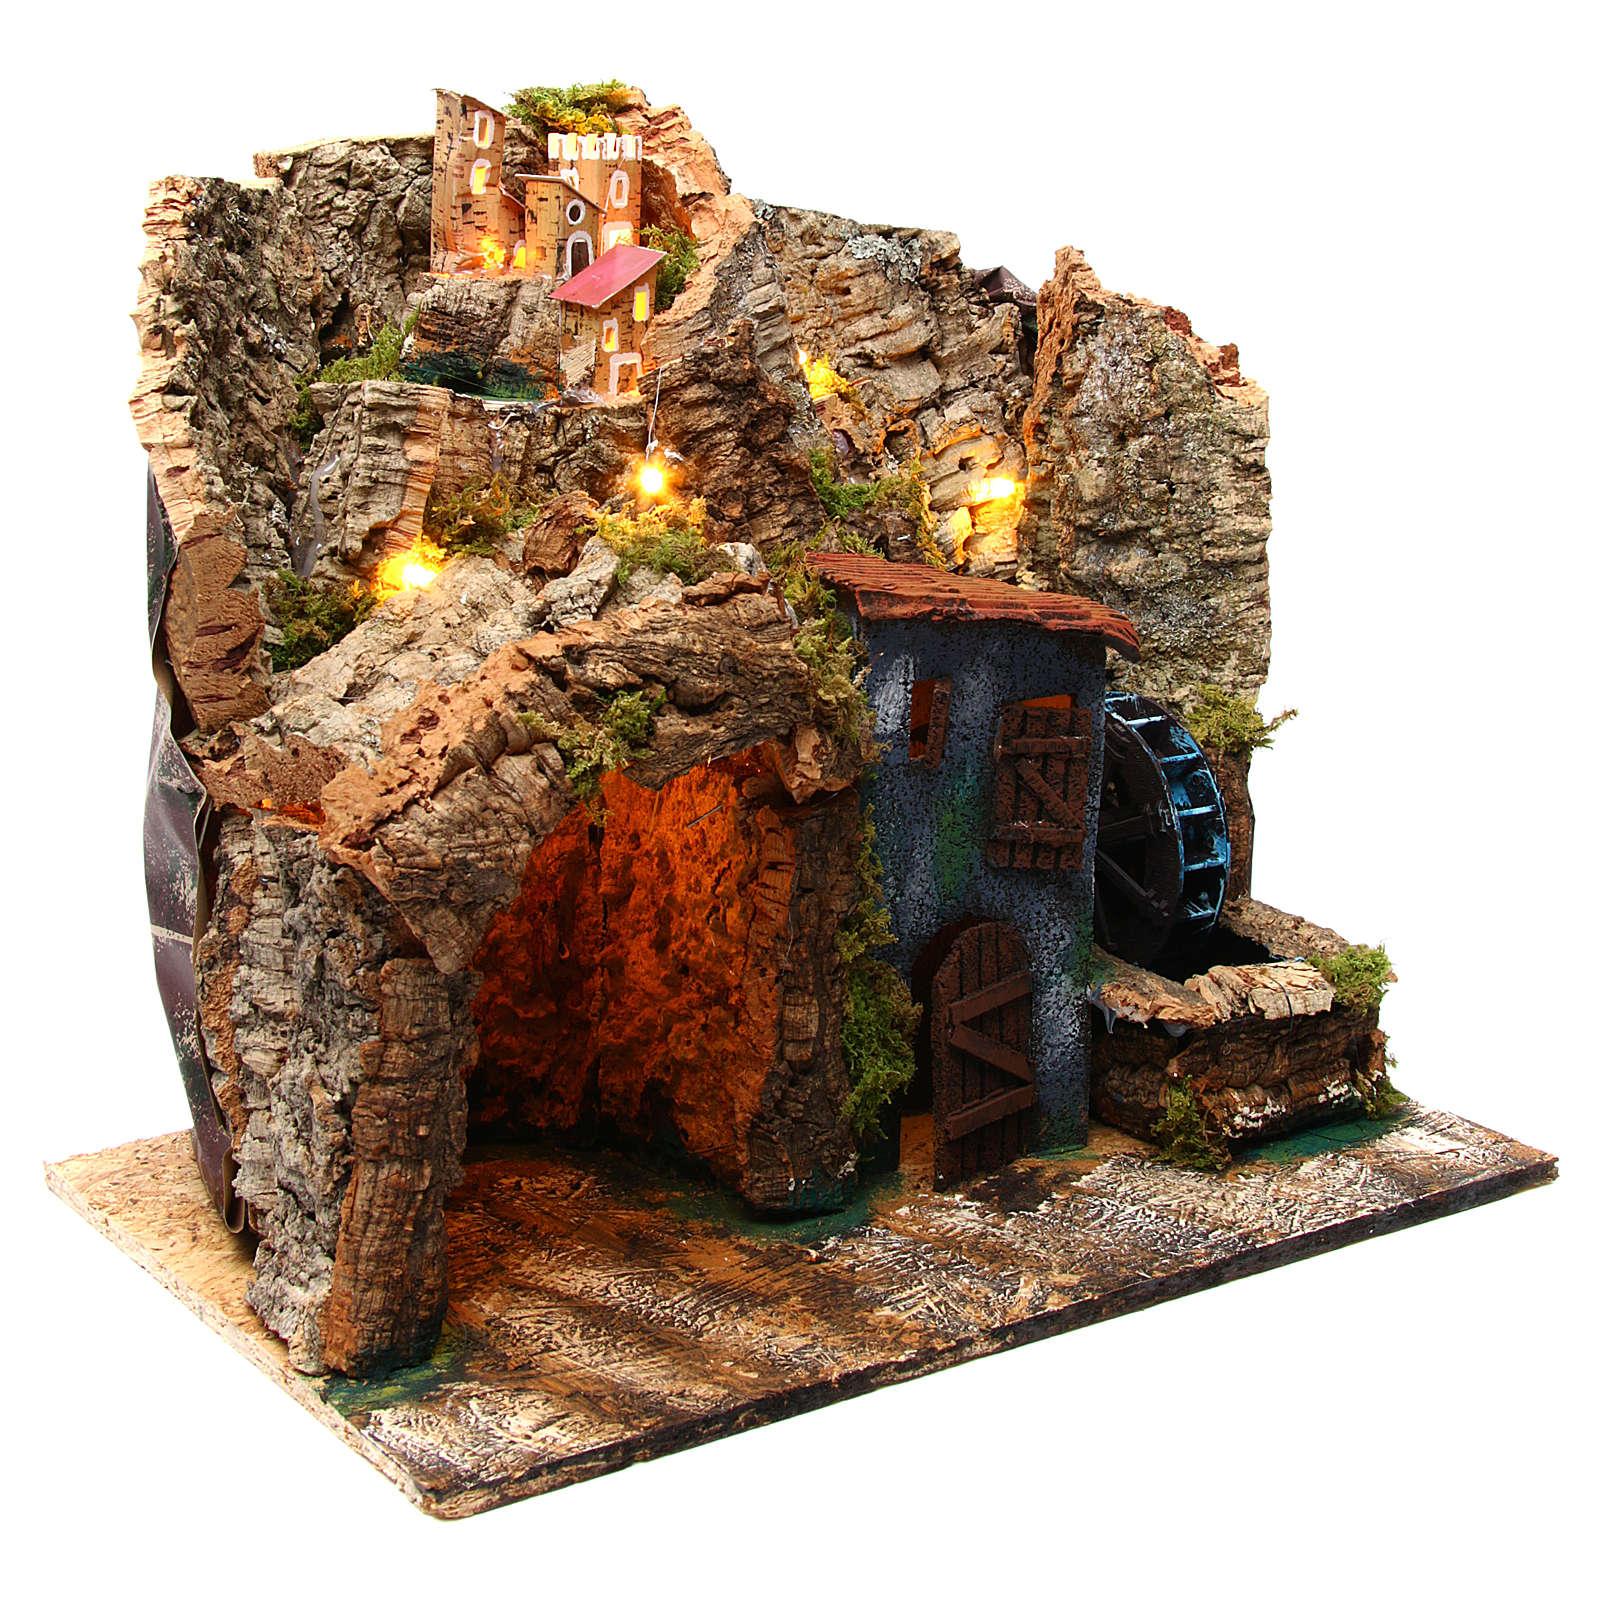 Borgo presepe napoletano con mulino ad acqua 45x30x40 cm per di 6-8 cm  4